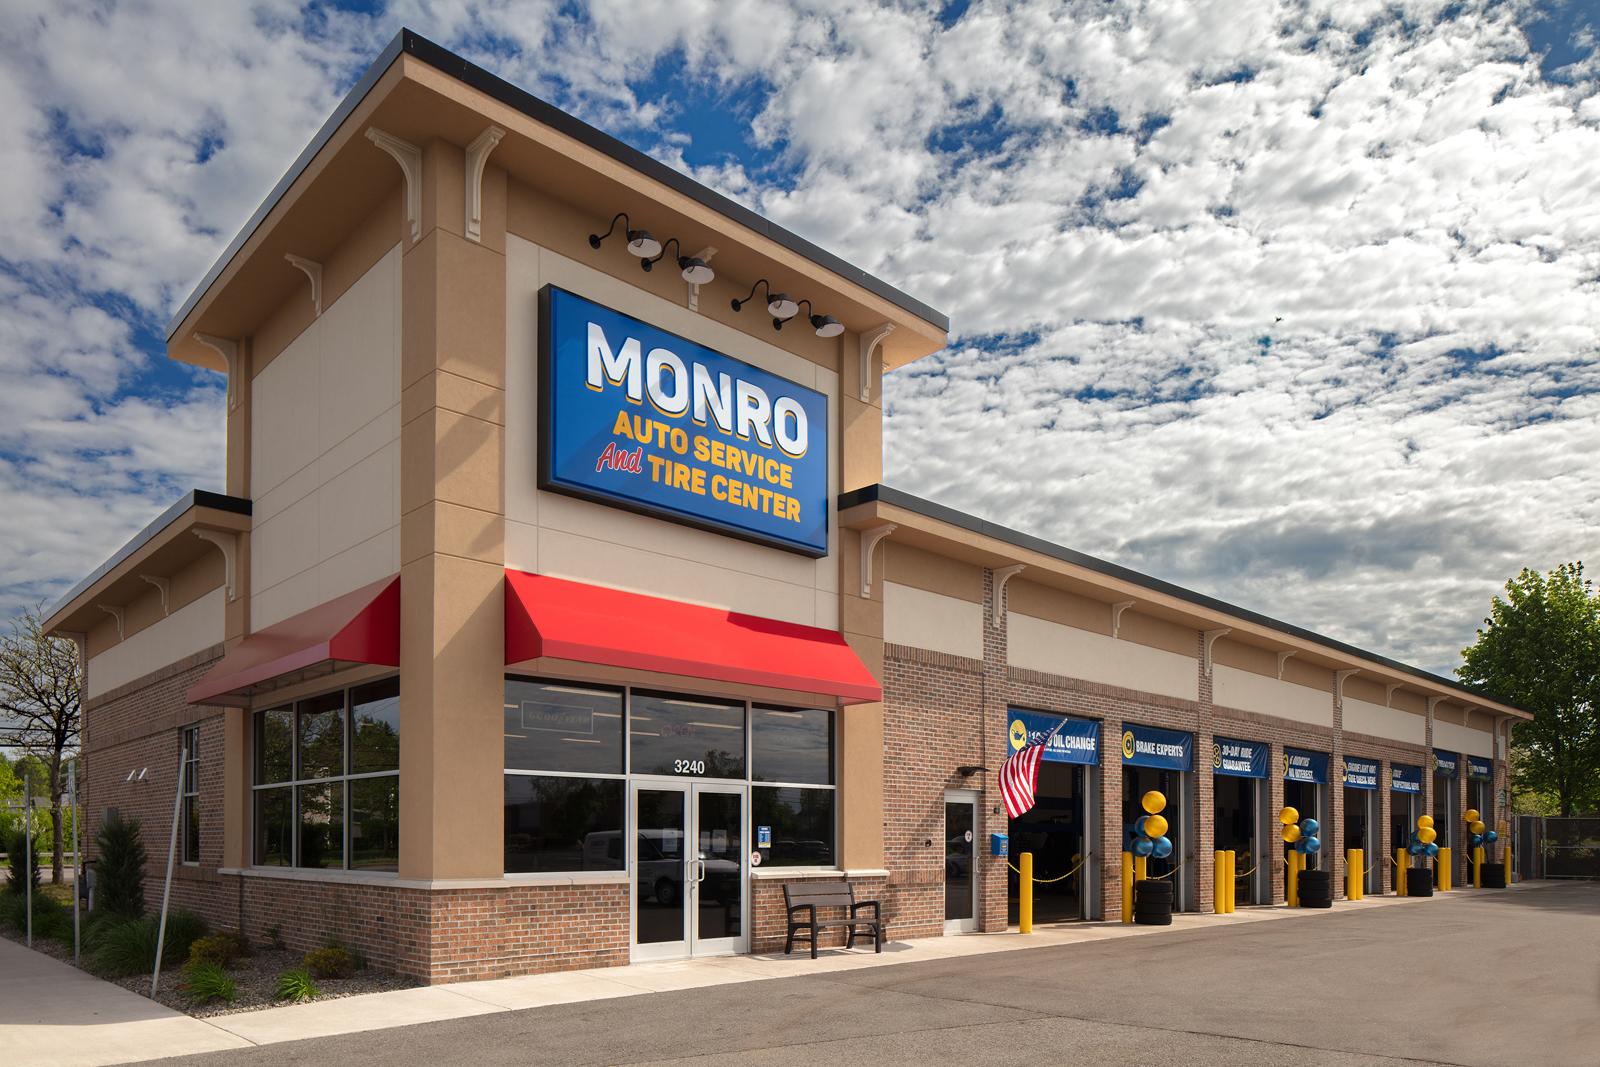 monro-chili-entrance-5.jpg